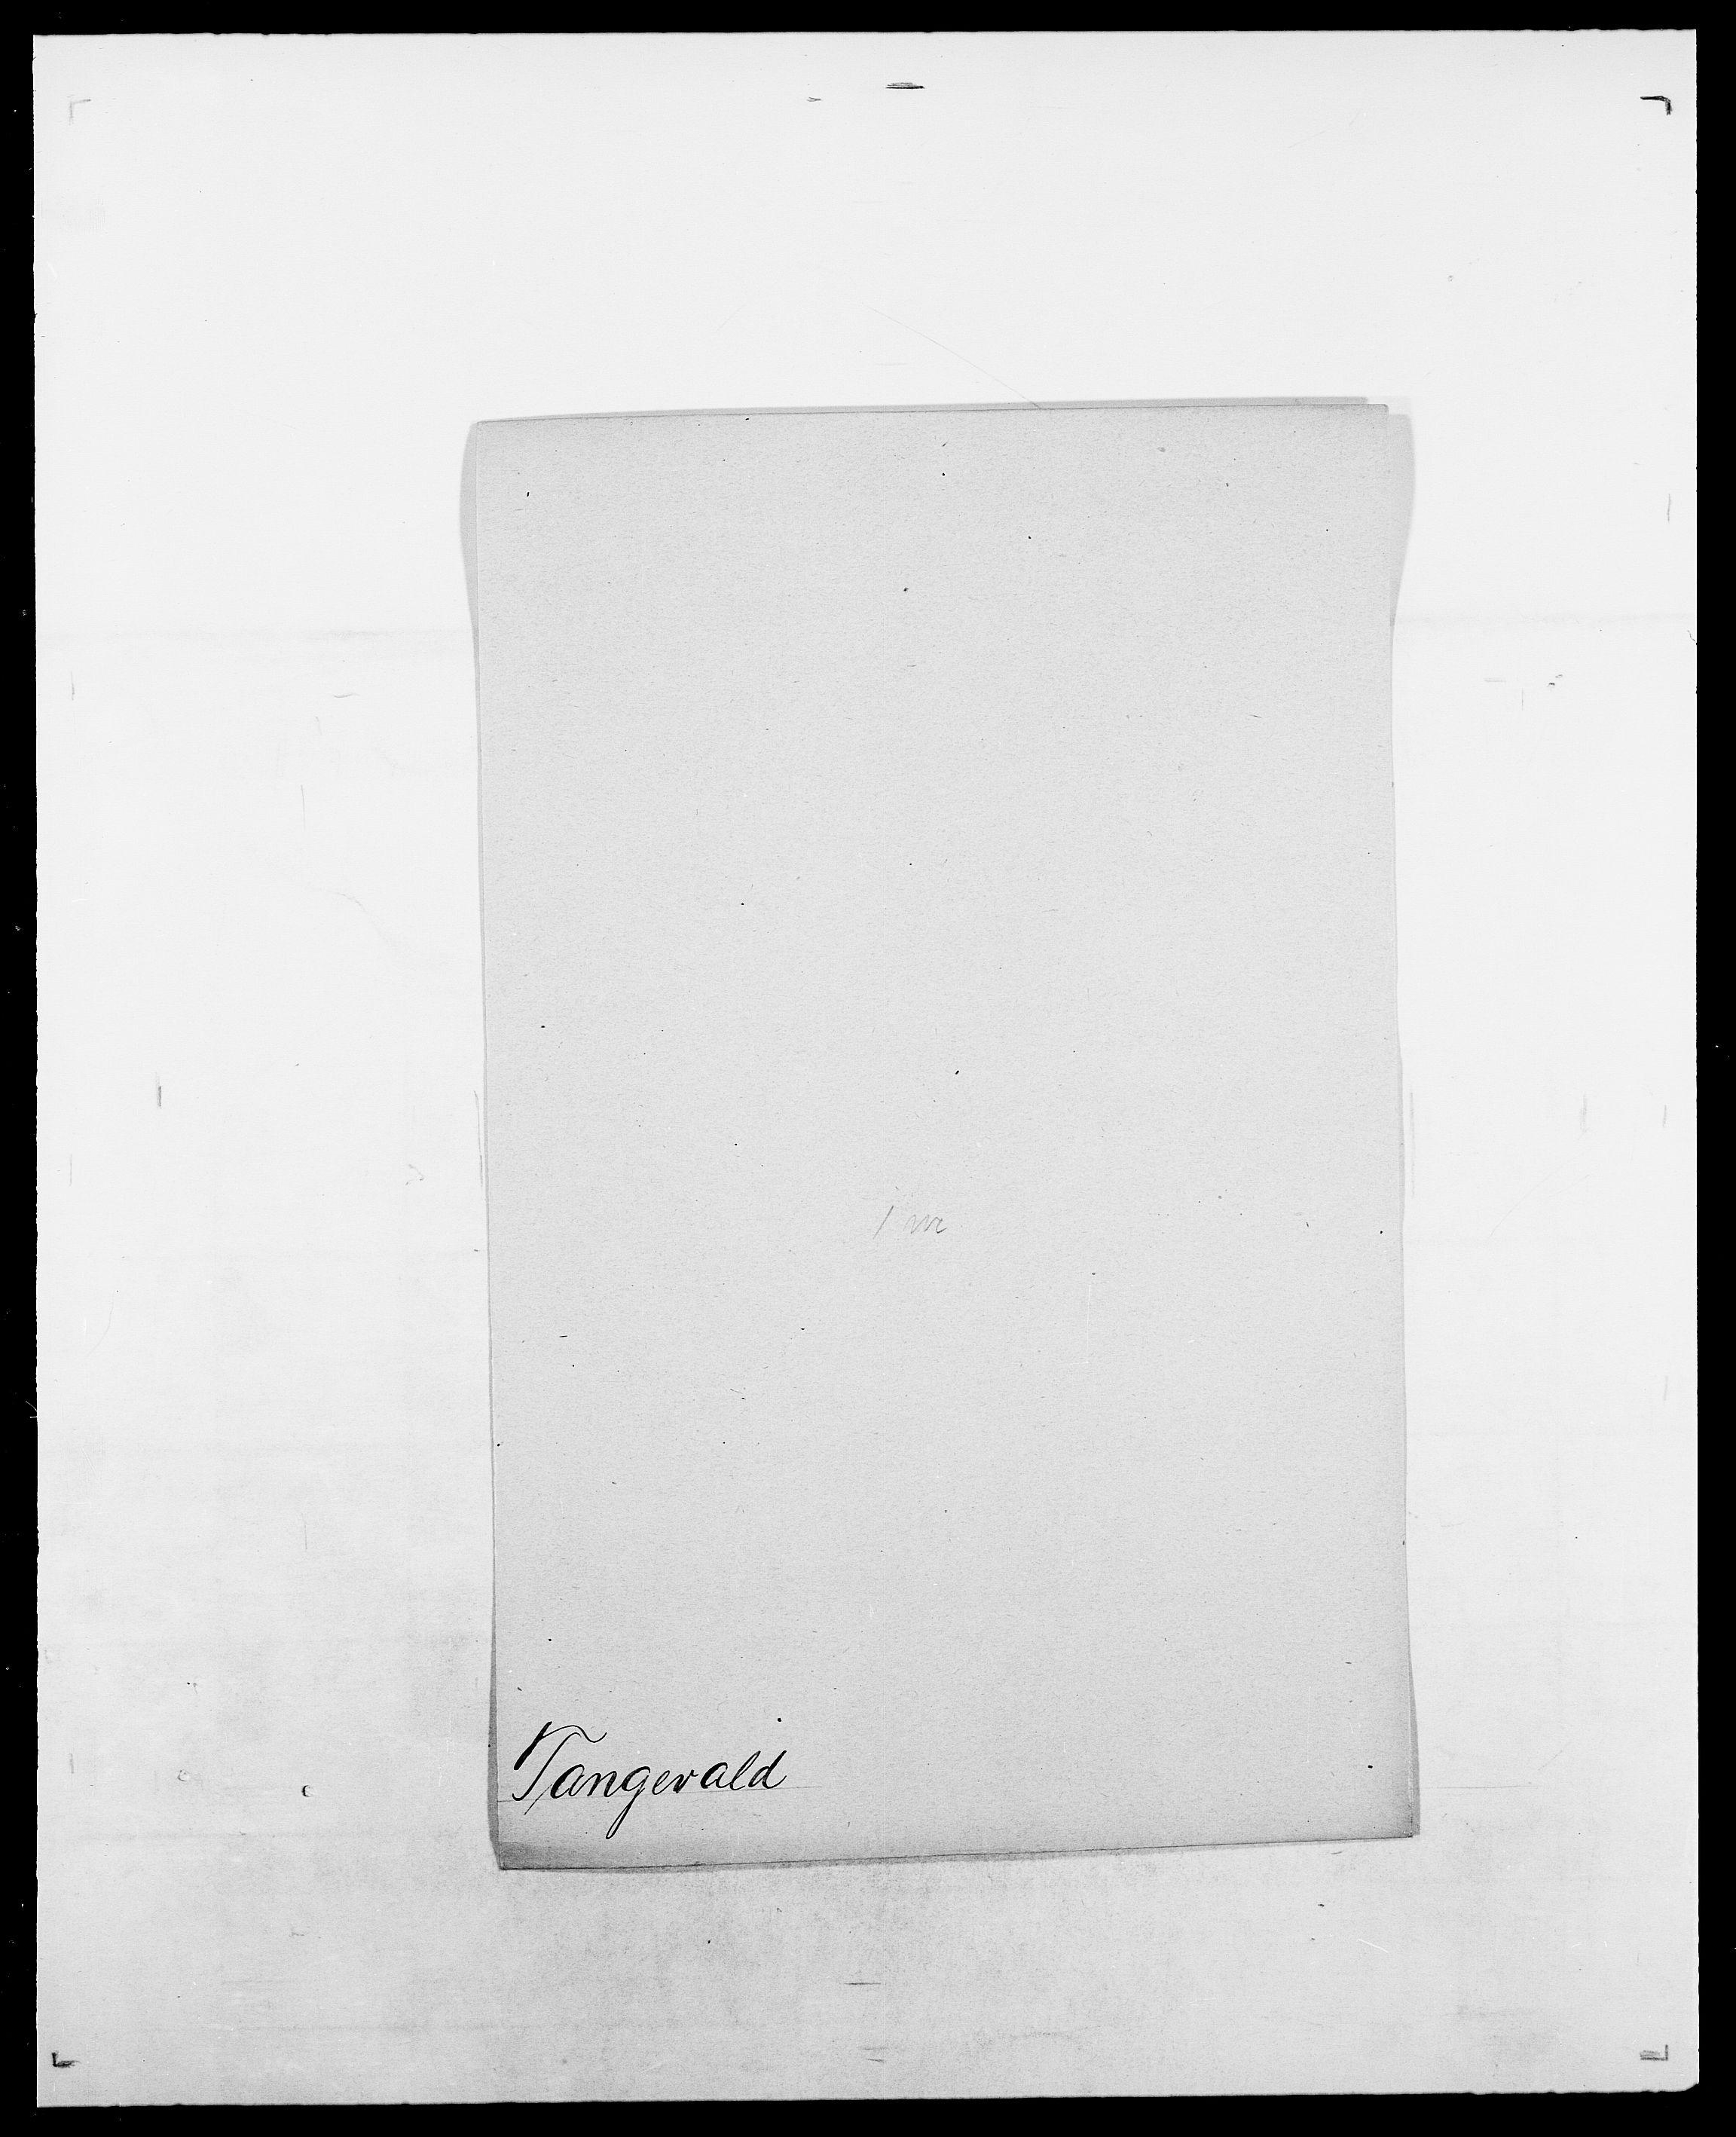 SAO, Delgobe, Charles Antoine - samling, D/Da/L0038: Svanenskjold - Thornsohn, s. 321